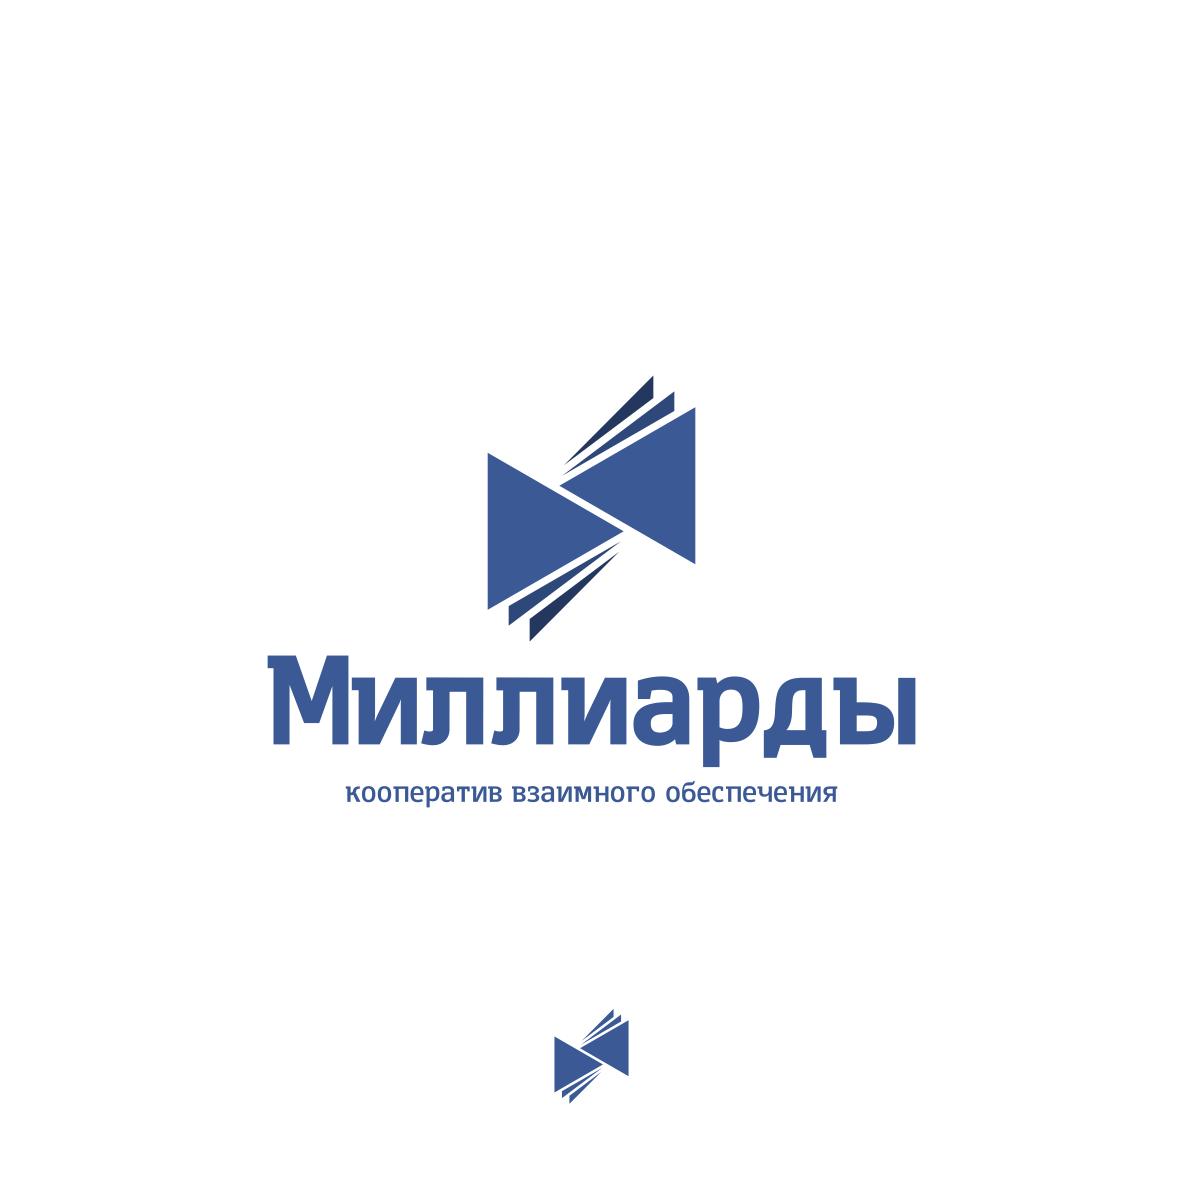 Создание логотипа фото f_0885e43fcaa0e083.png